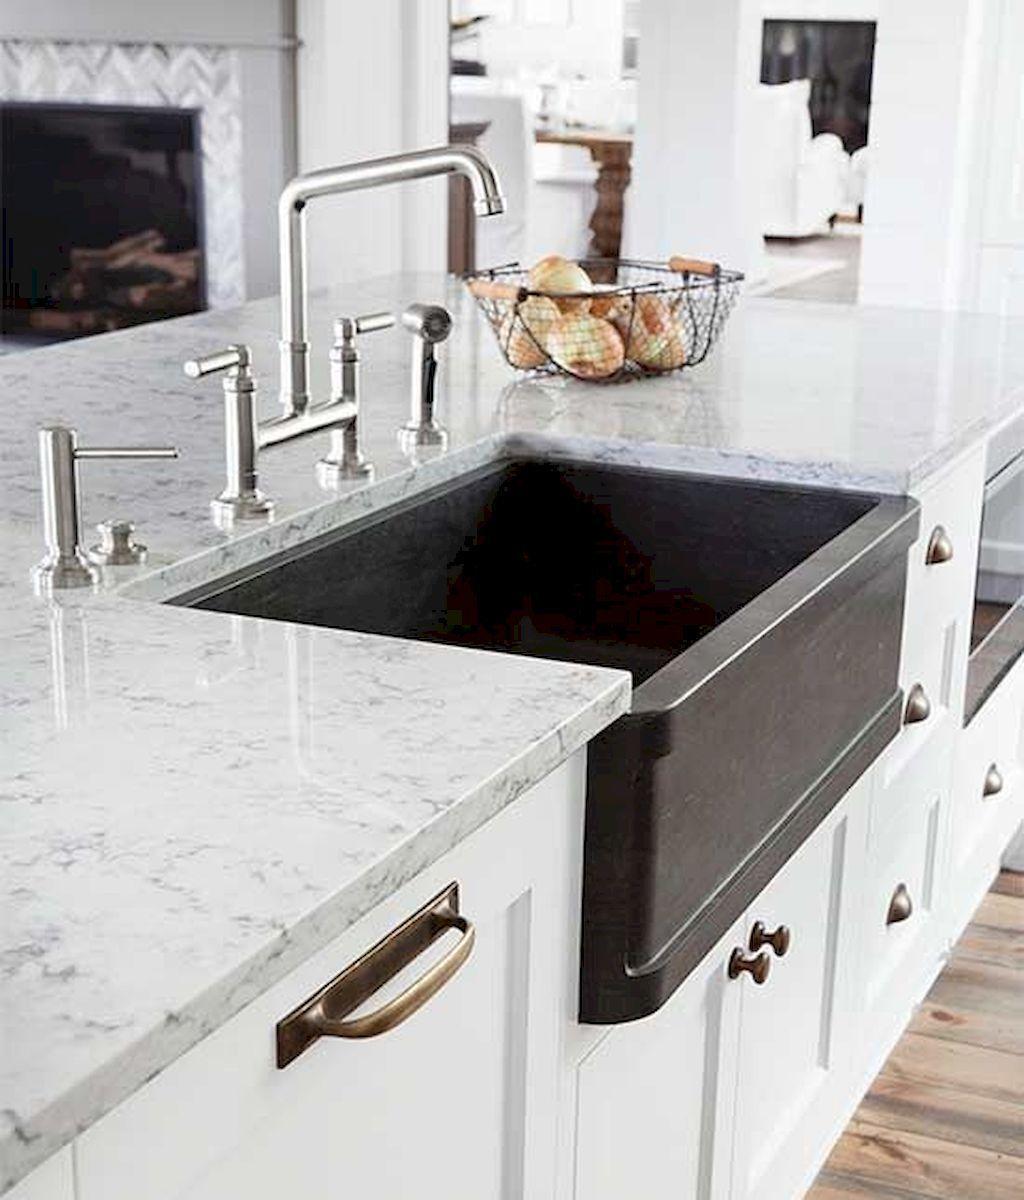 Farmhouse Sink 24 Inch Farmhouse Sink Kitchen Modern Kitchen Kitchen Decor Modern